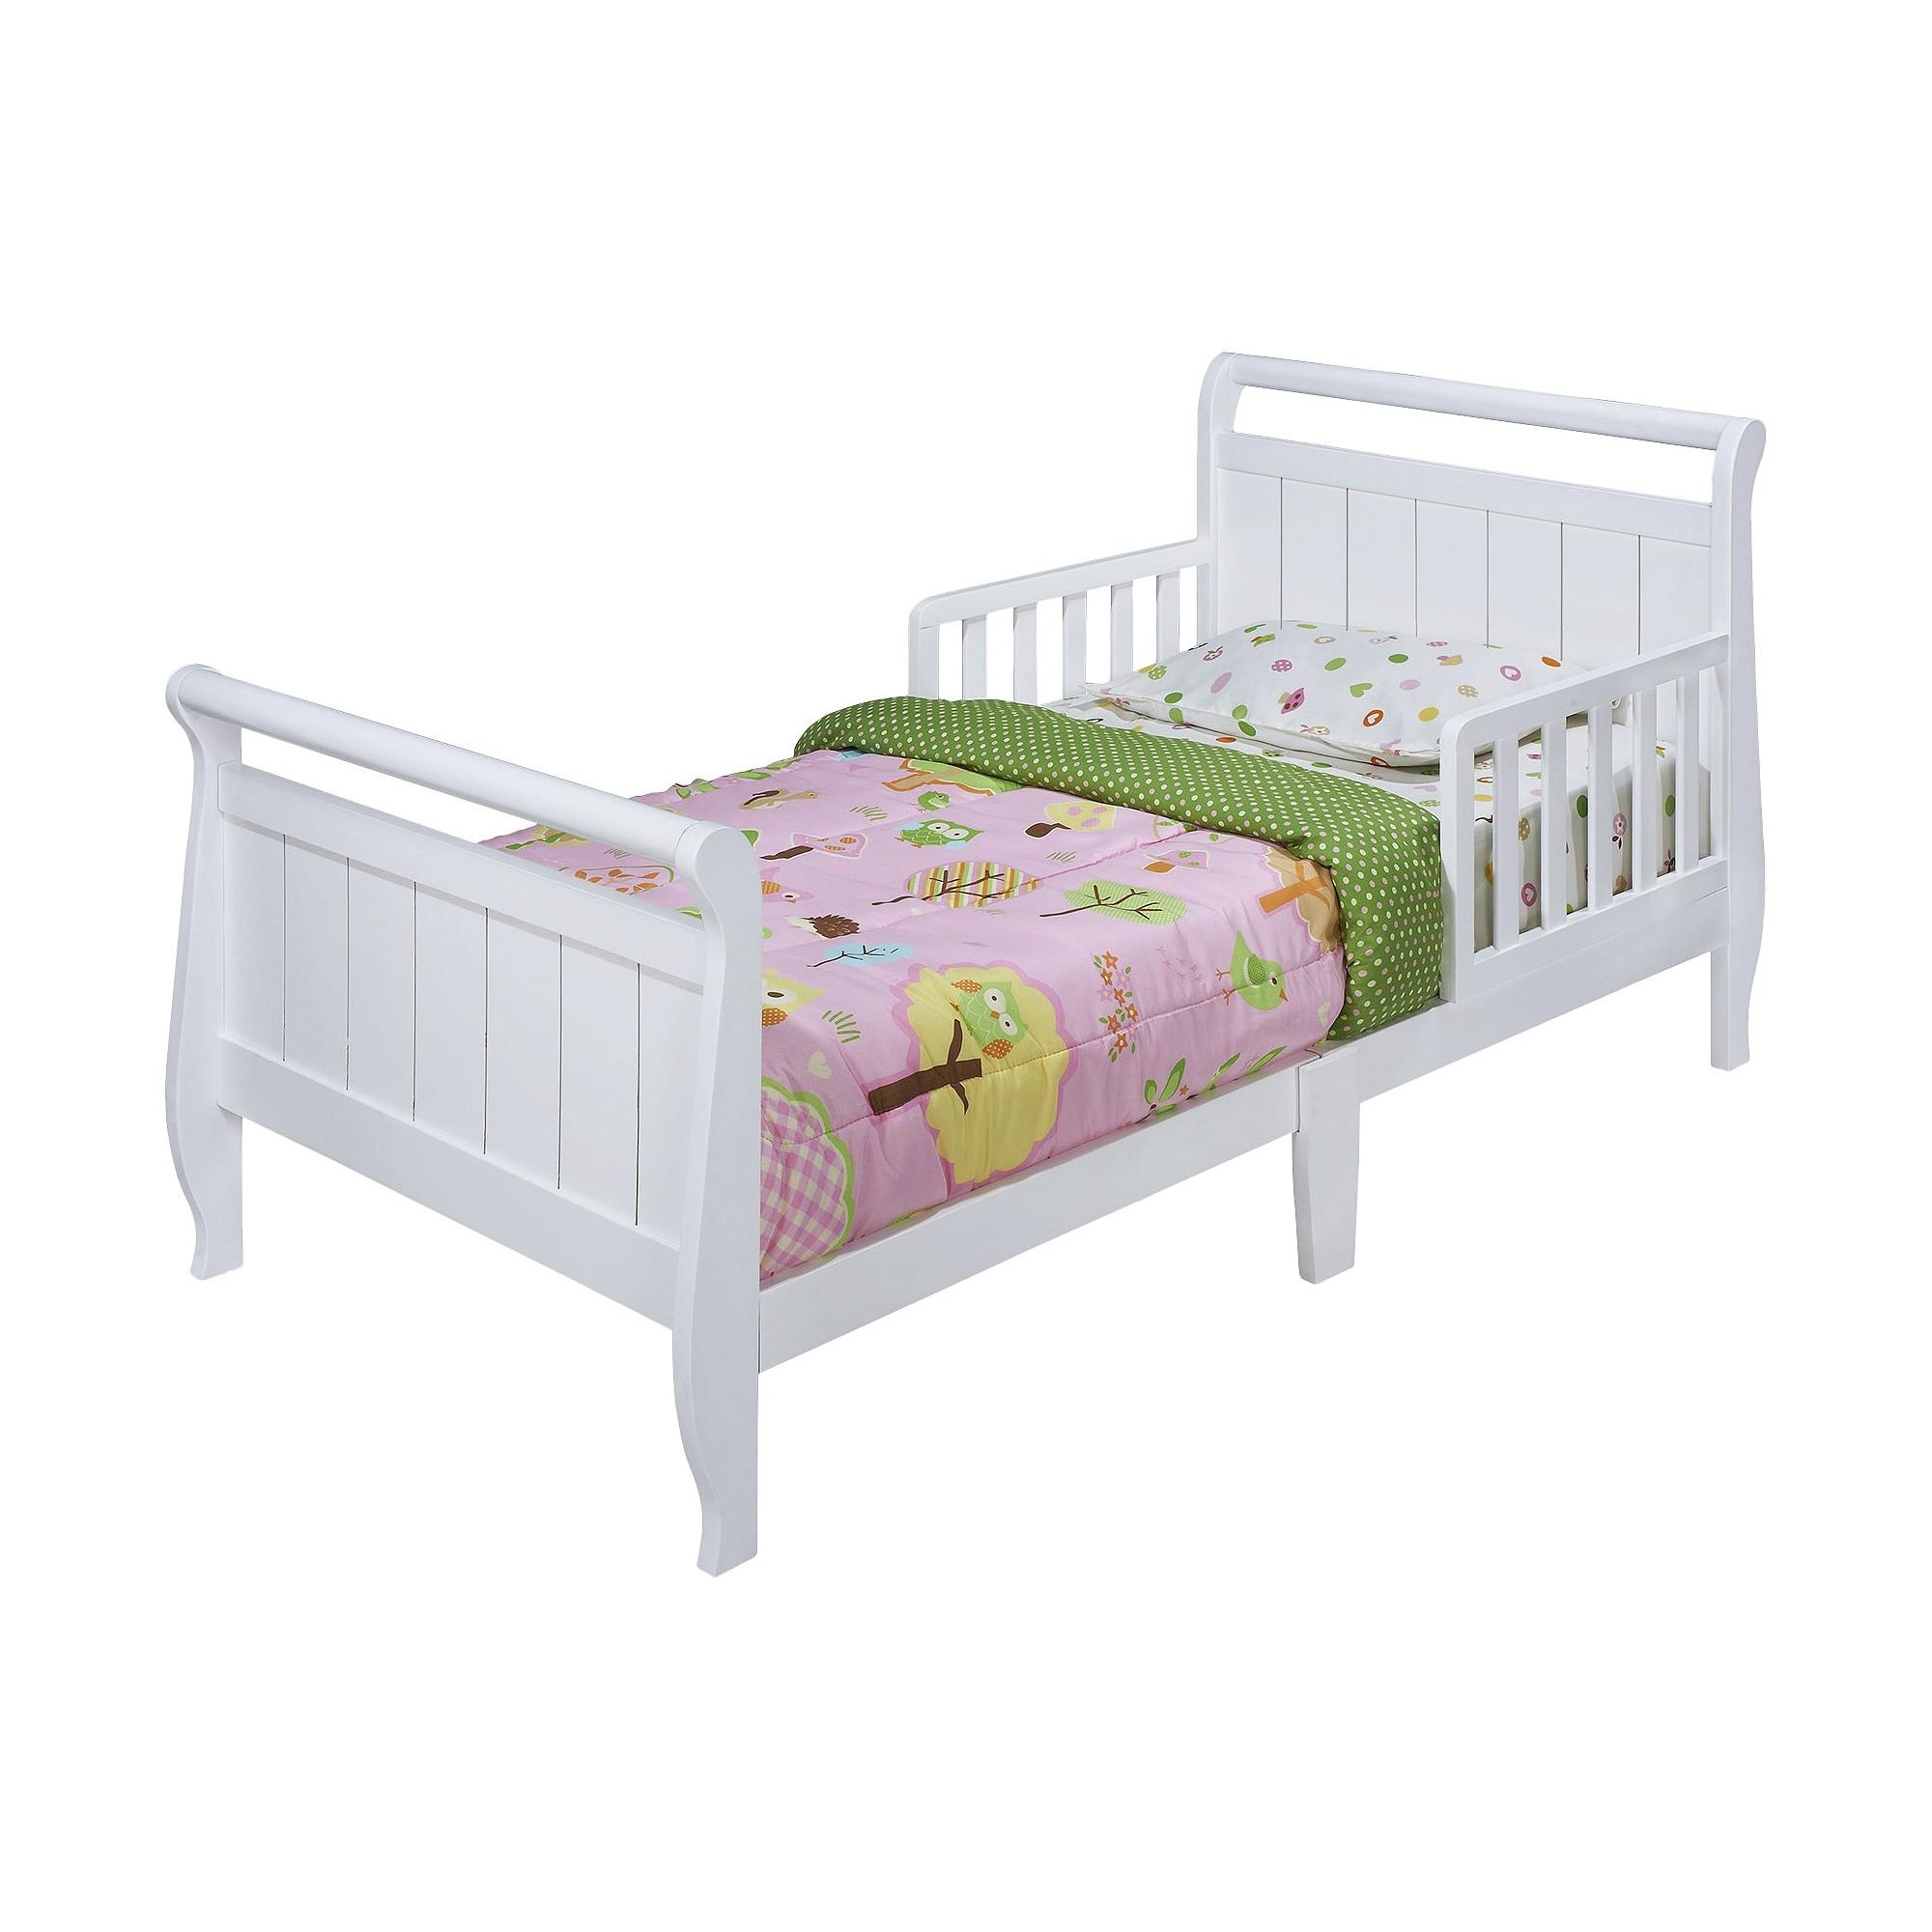 Sleigh Toddler Bed White - Delta Children